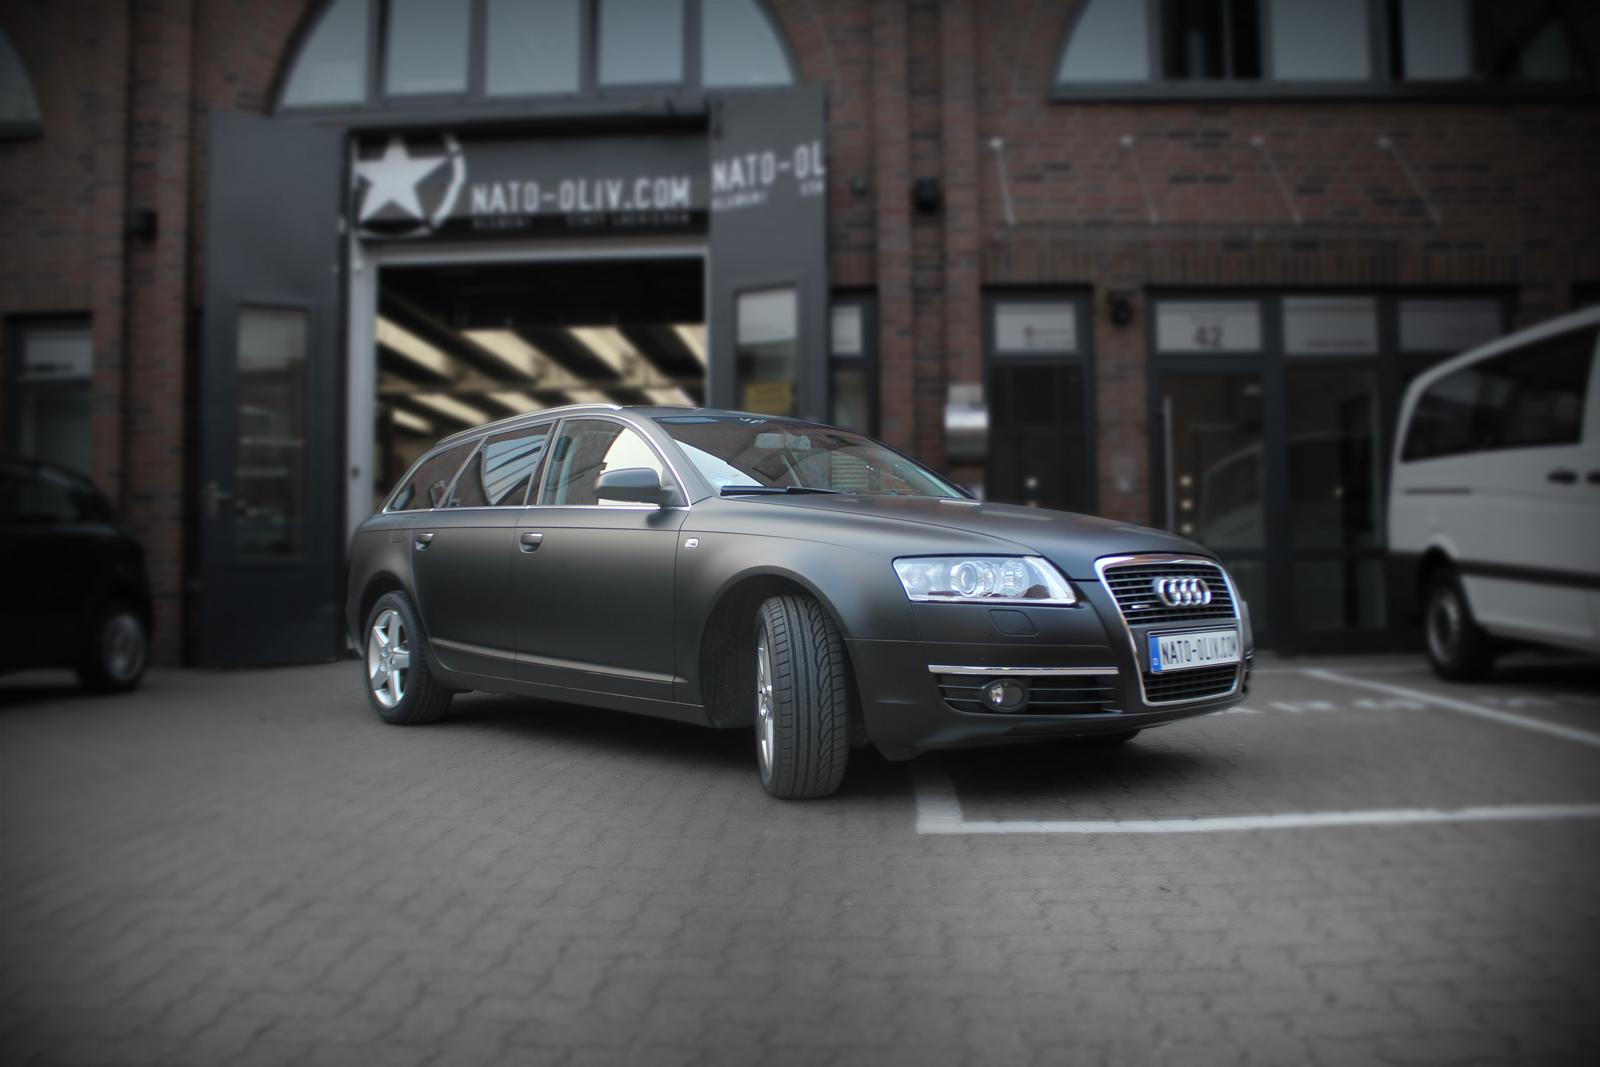 Audi_A6_Folierung_schwarz_matt_Titelbild